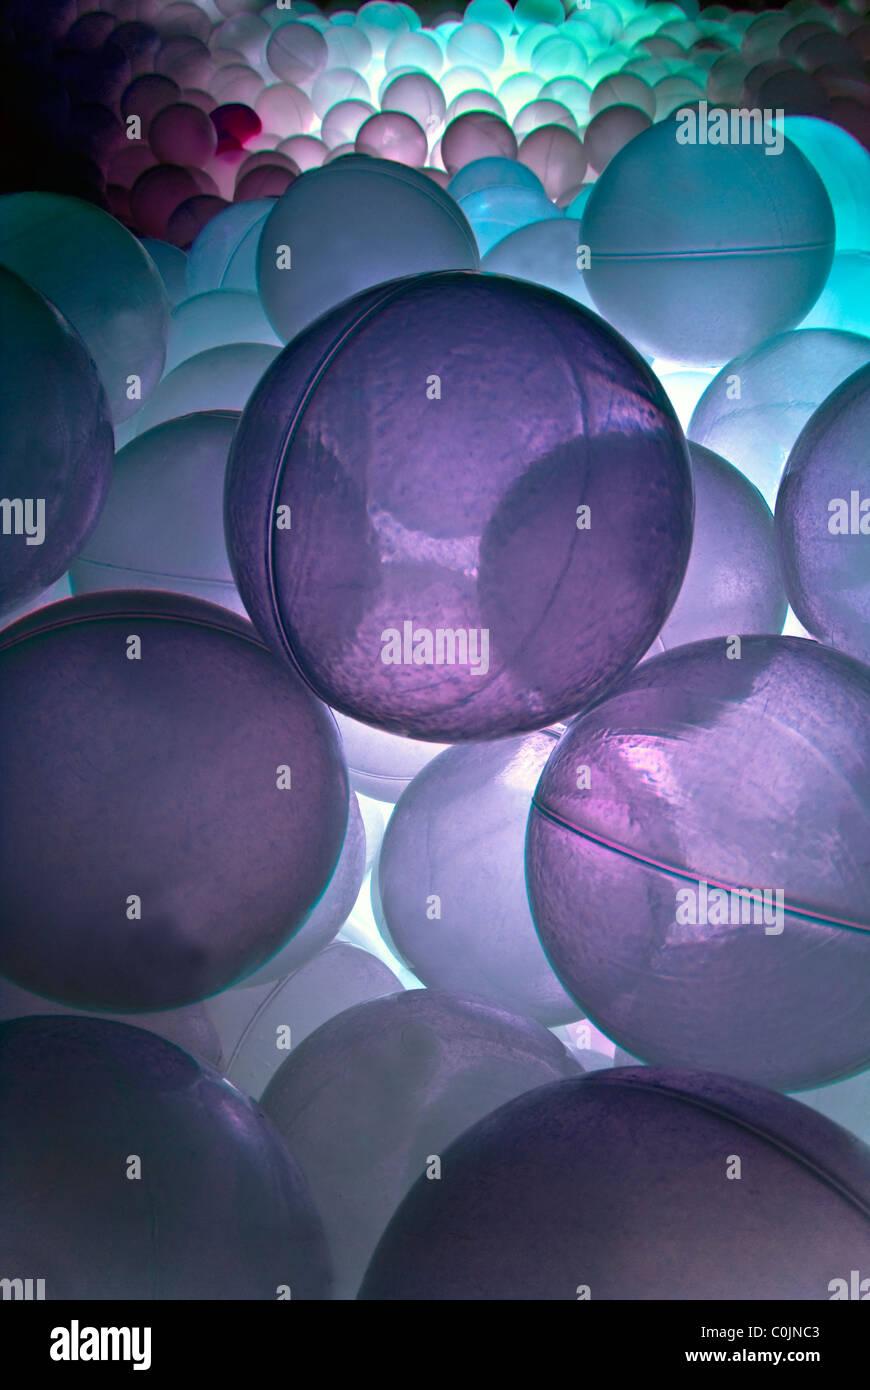 Piscine à balles avec lumière pourpre à la lumière salle sensorielle. Banque D'Images